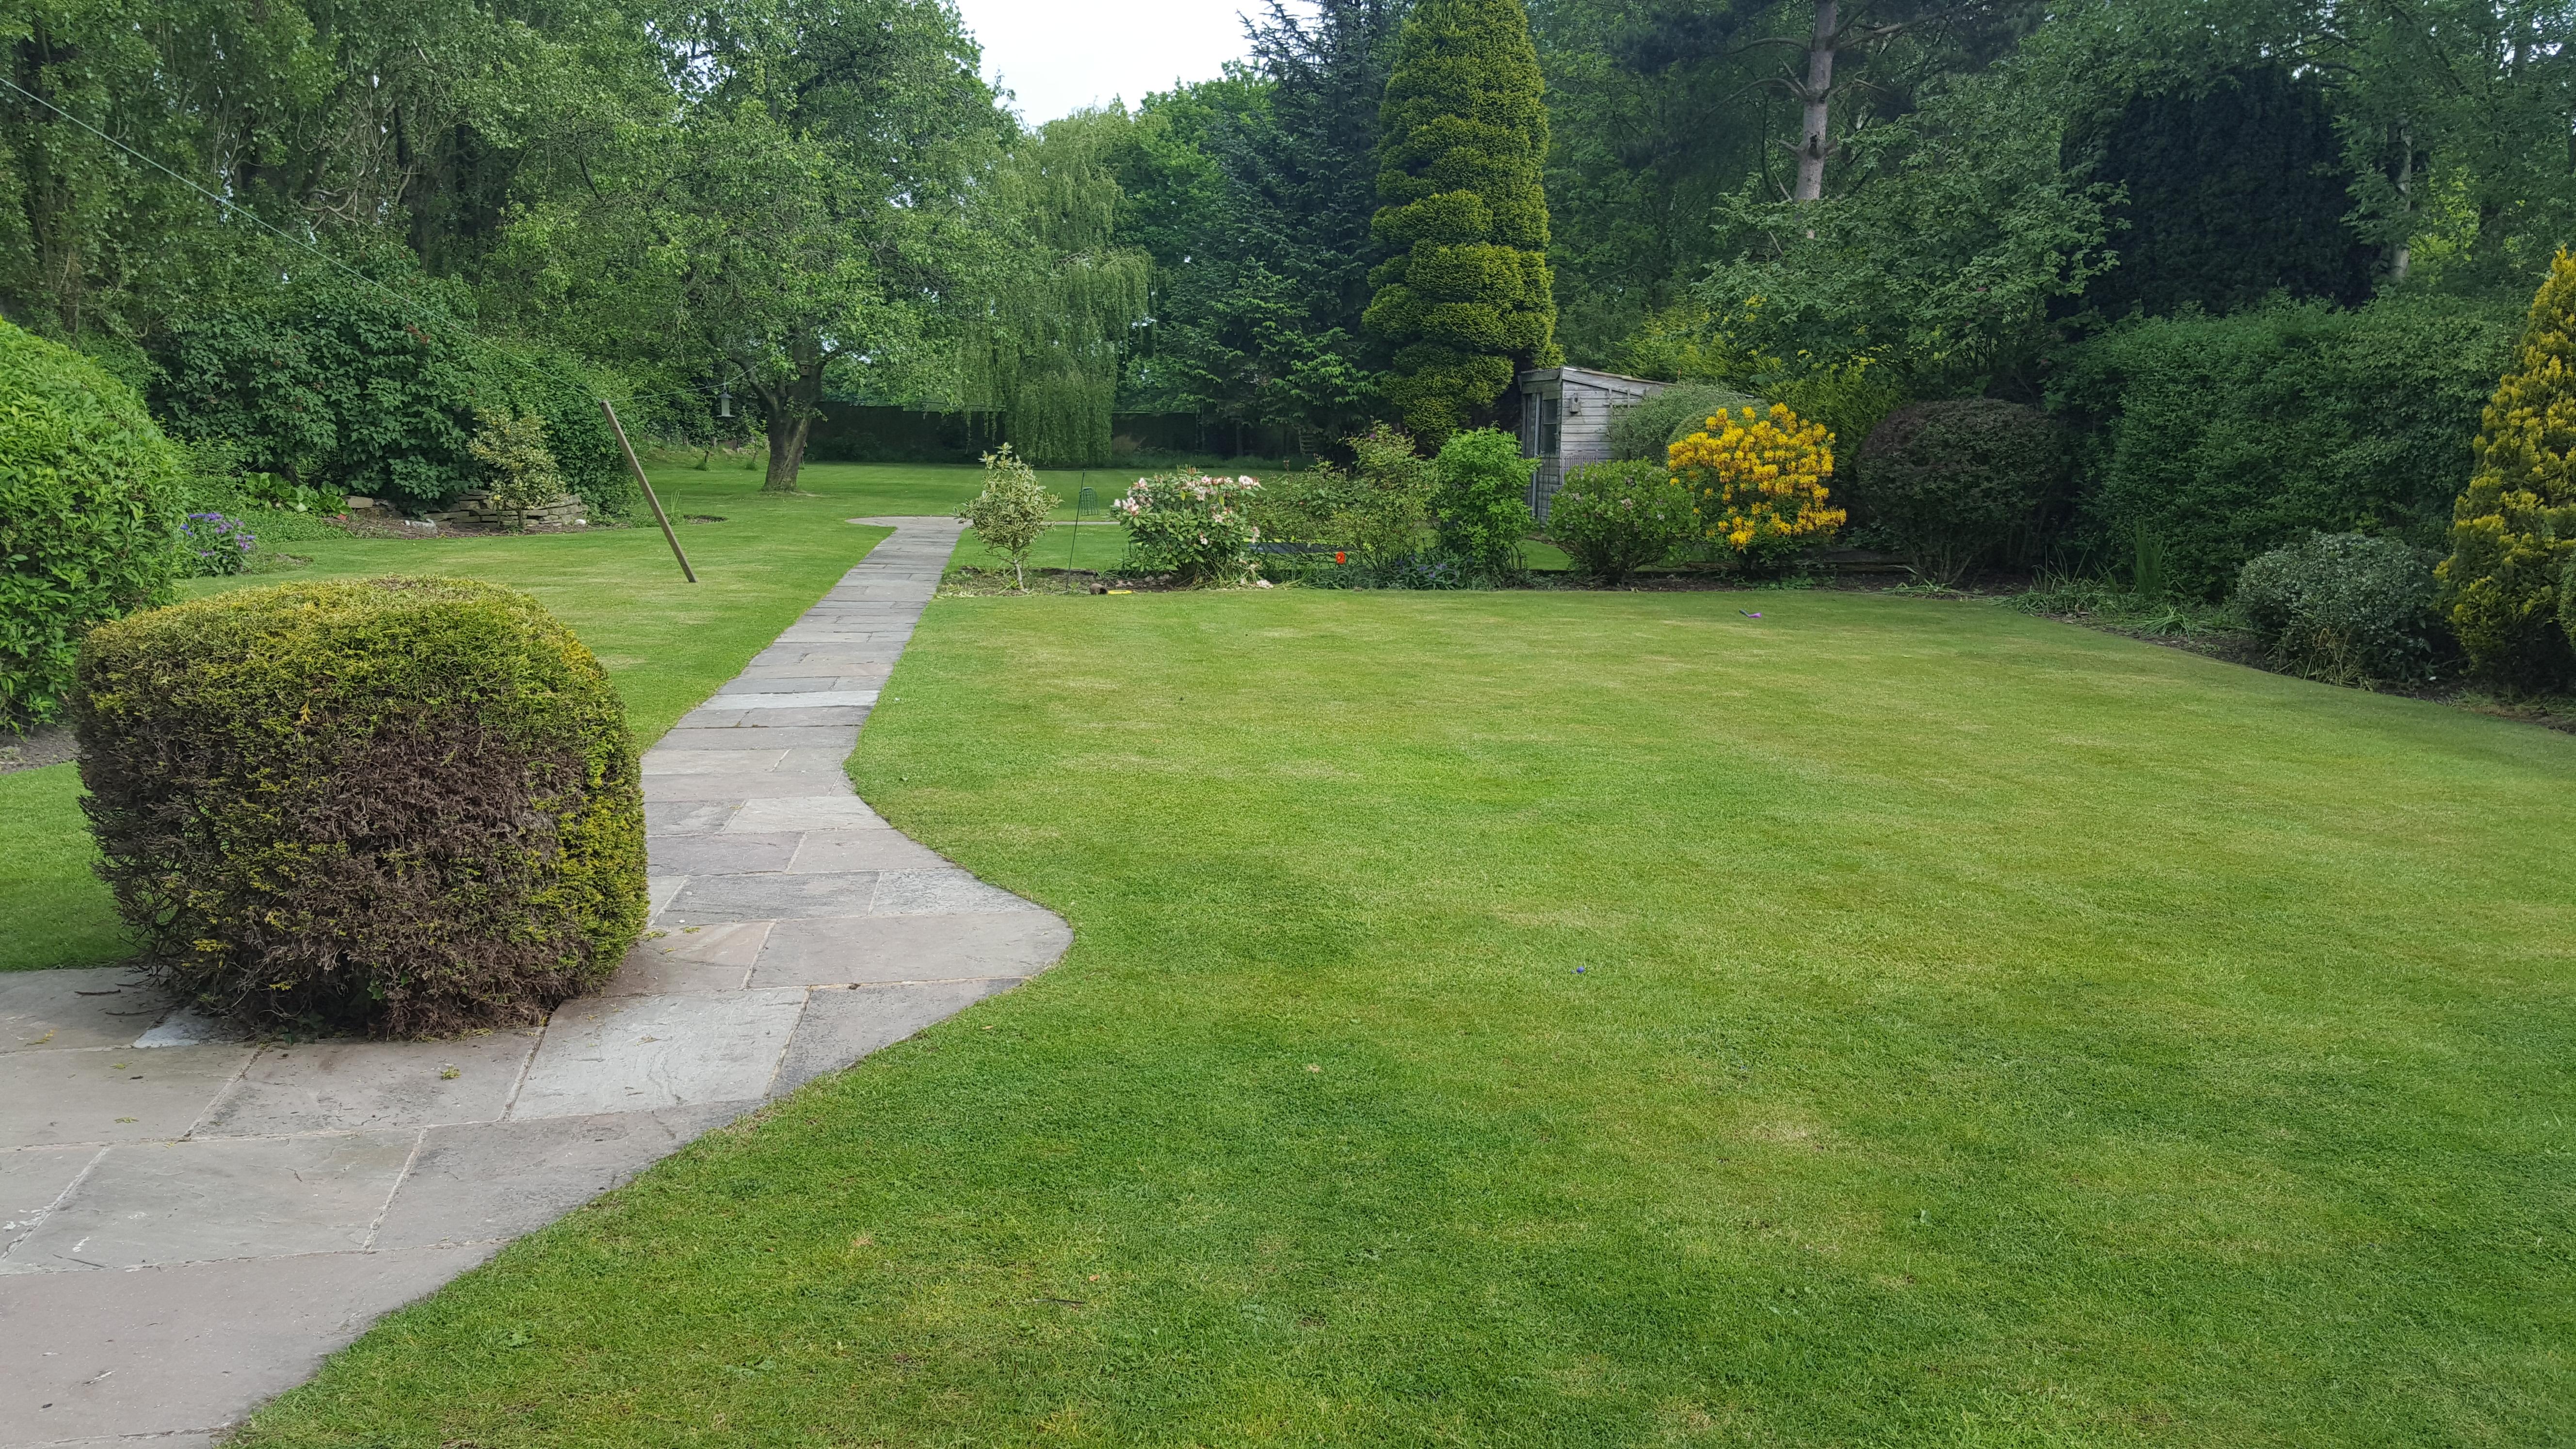 Croft Lawn Care